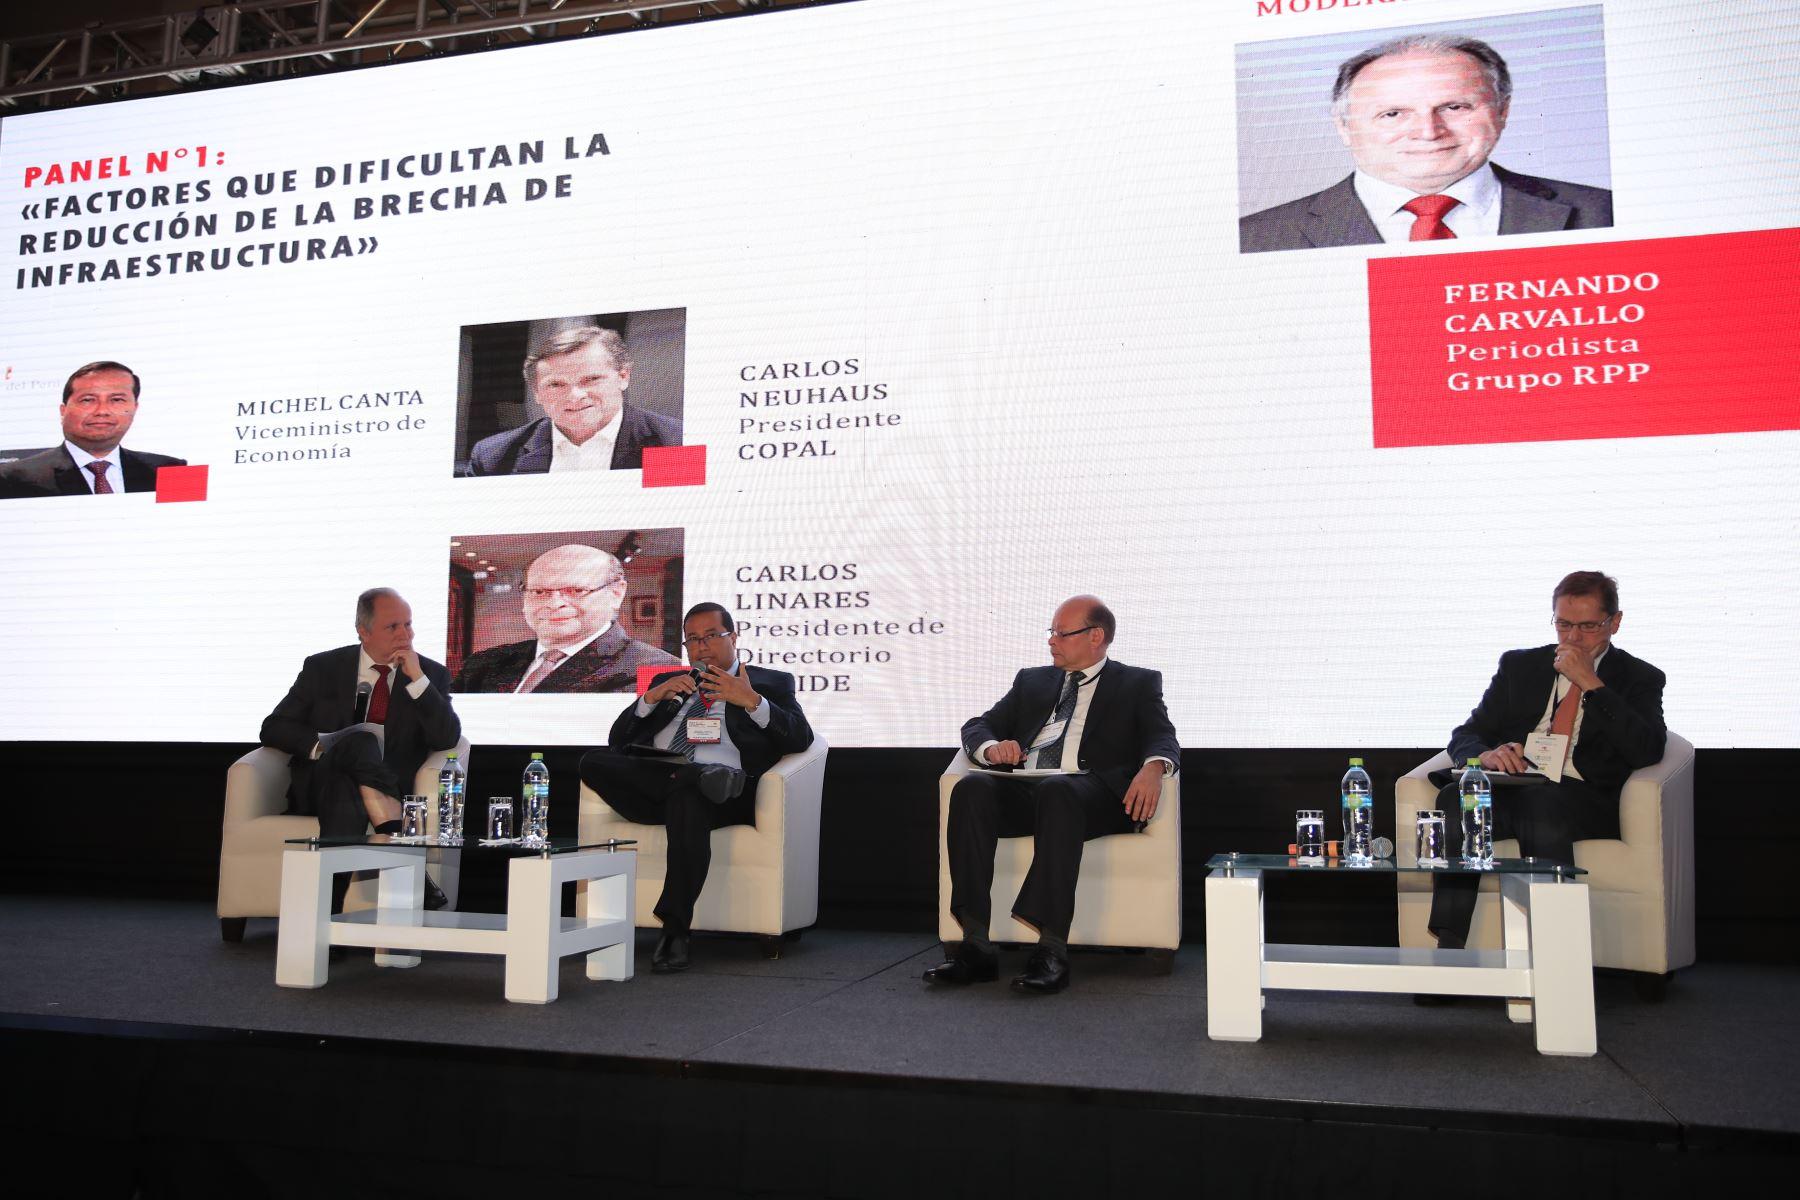 Michel Canta, viceministro de Economía durante su exposición en el foro: Perú CEO Impact Summit        Agencia Andina/Juan Carlos Guzman Negrini